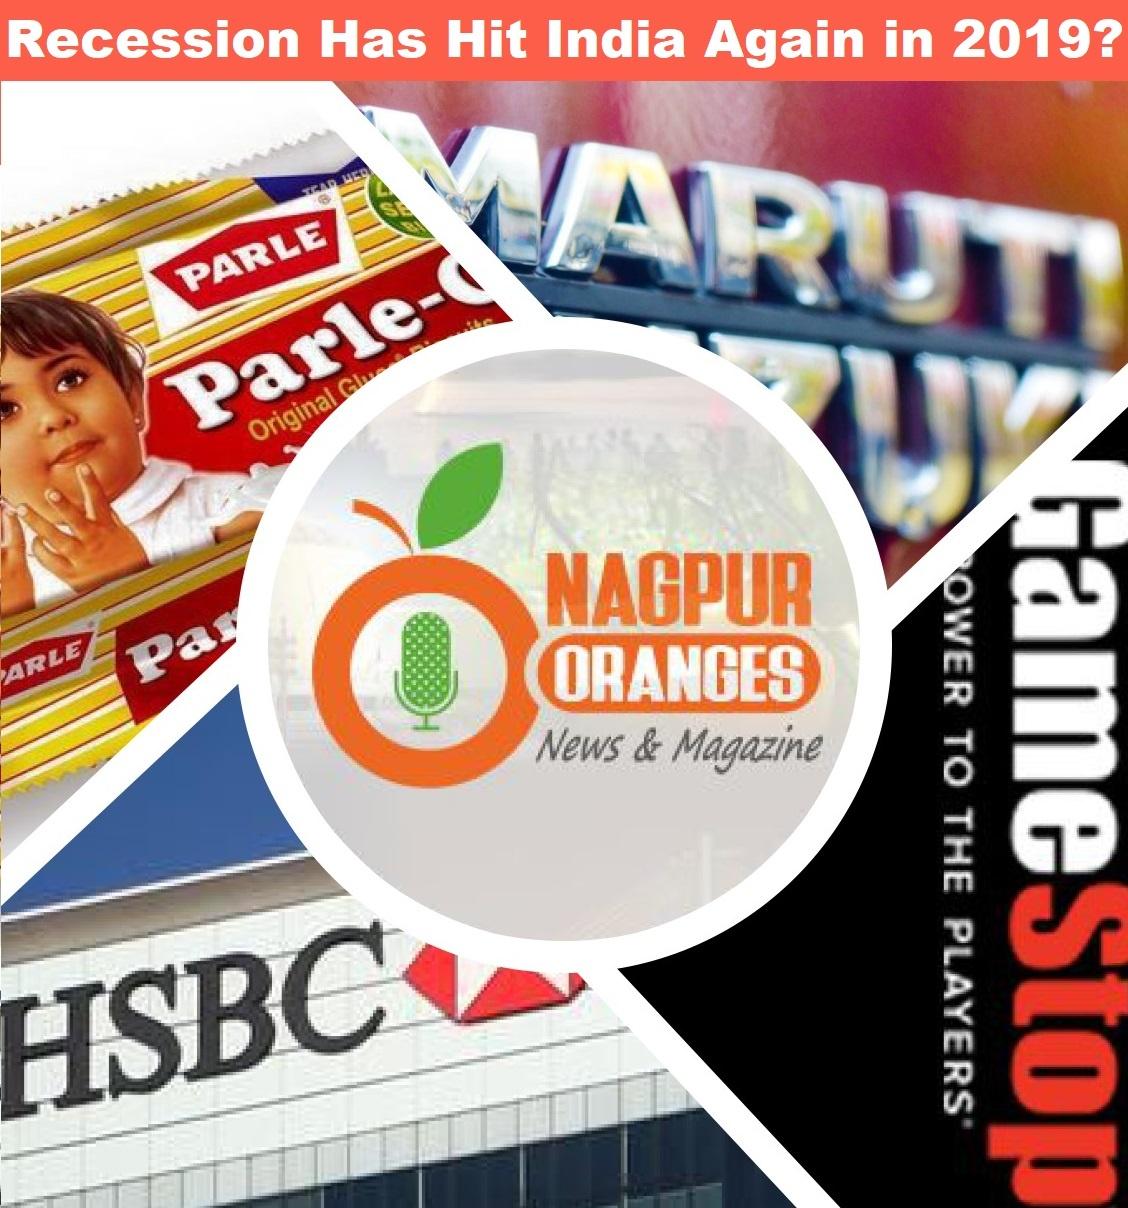 Recession Has Hit India Again